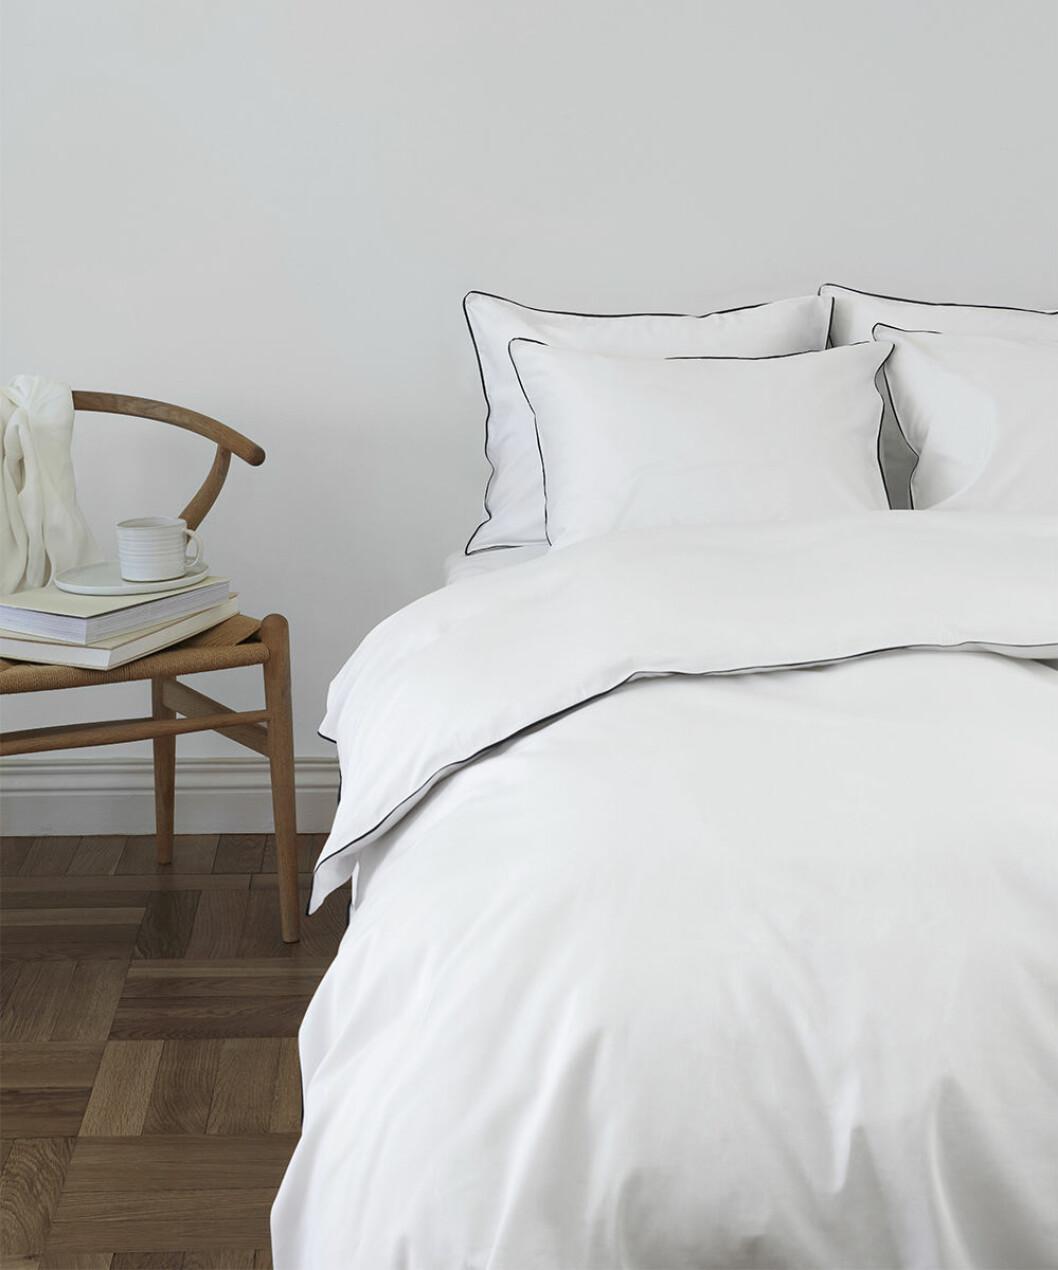 Alva linen sängkläder